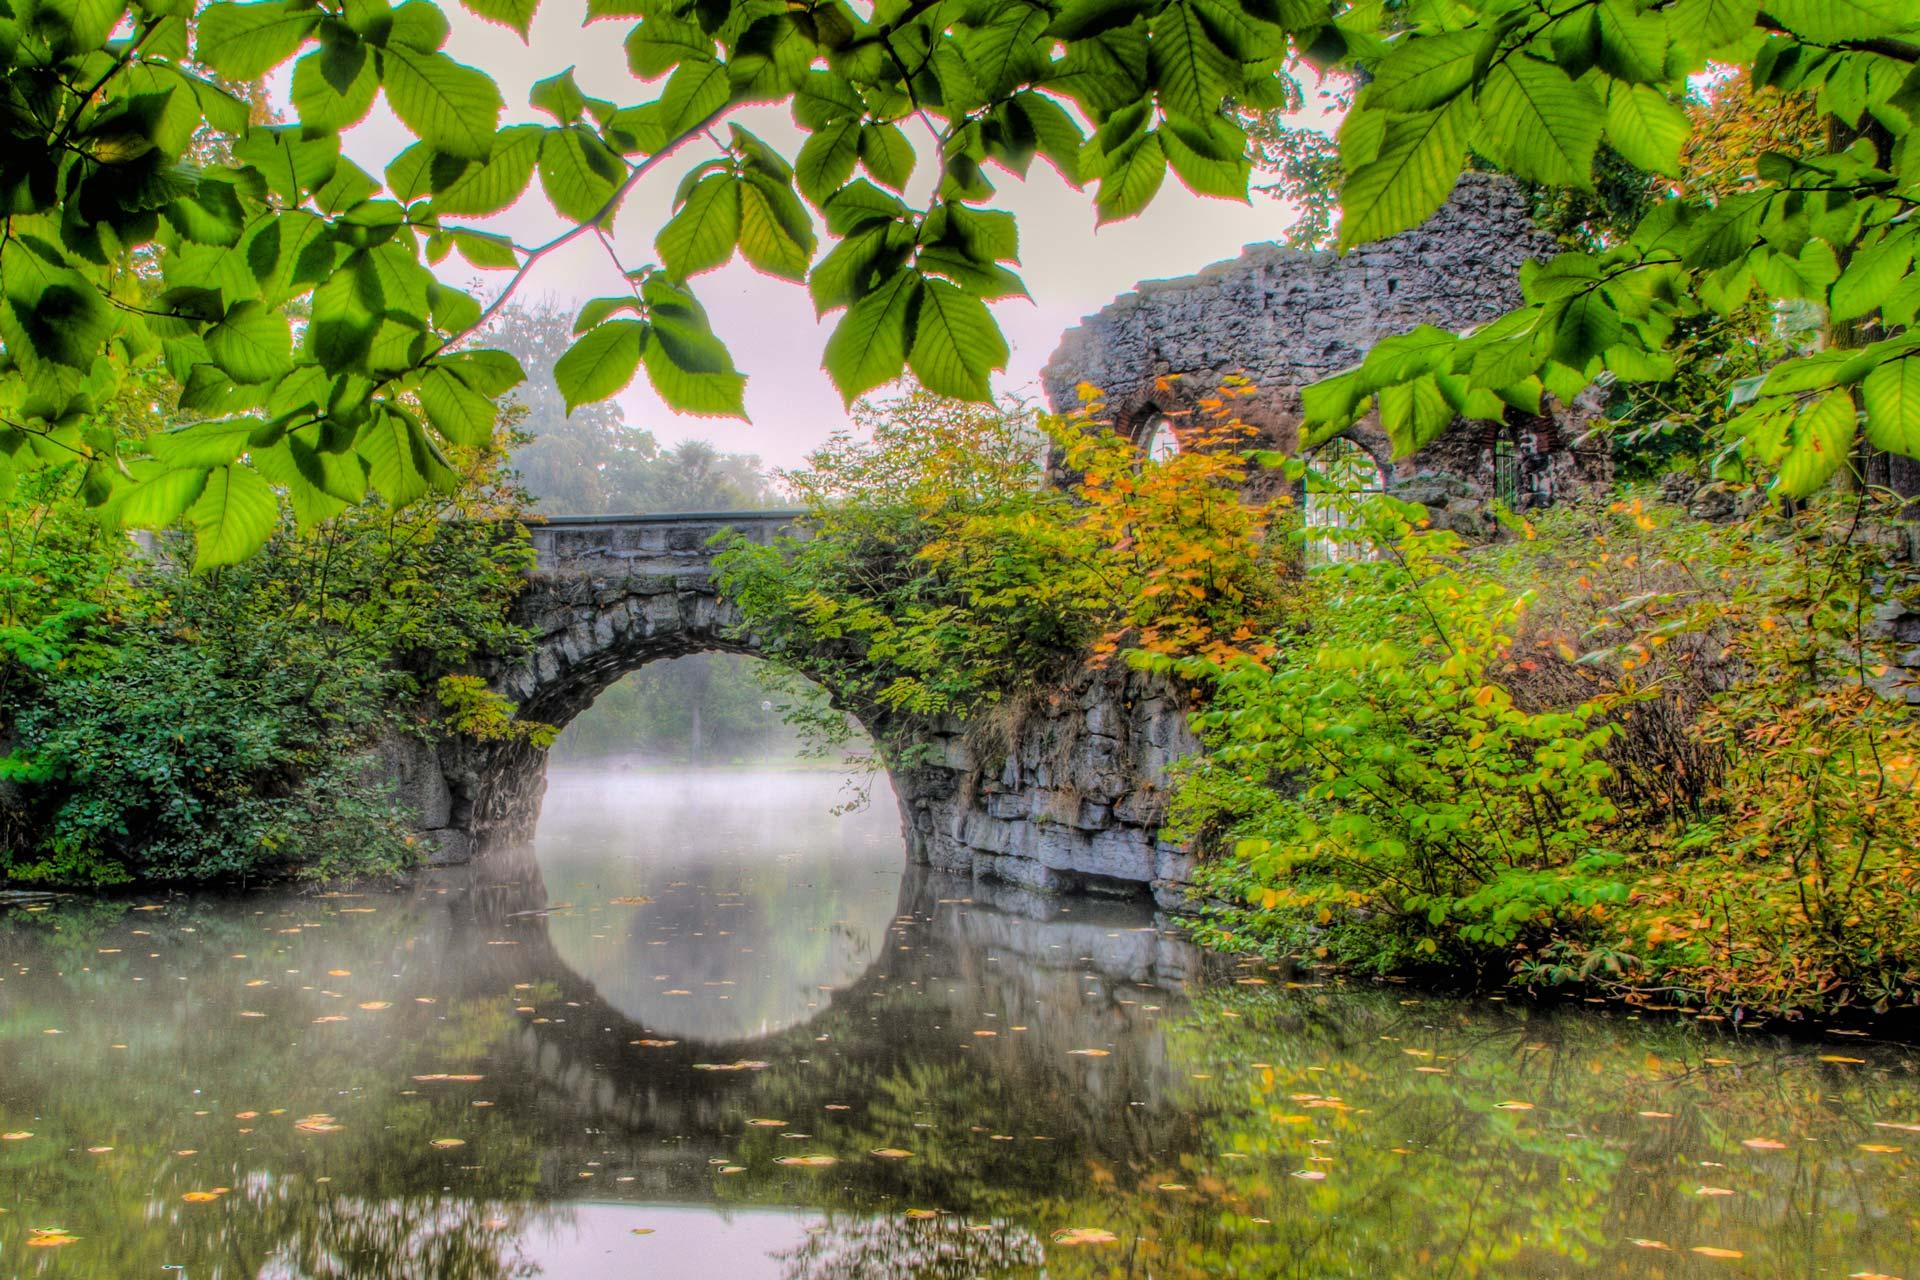 Landschaftsfotografie - Brücke und Fluss